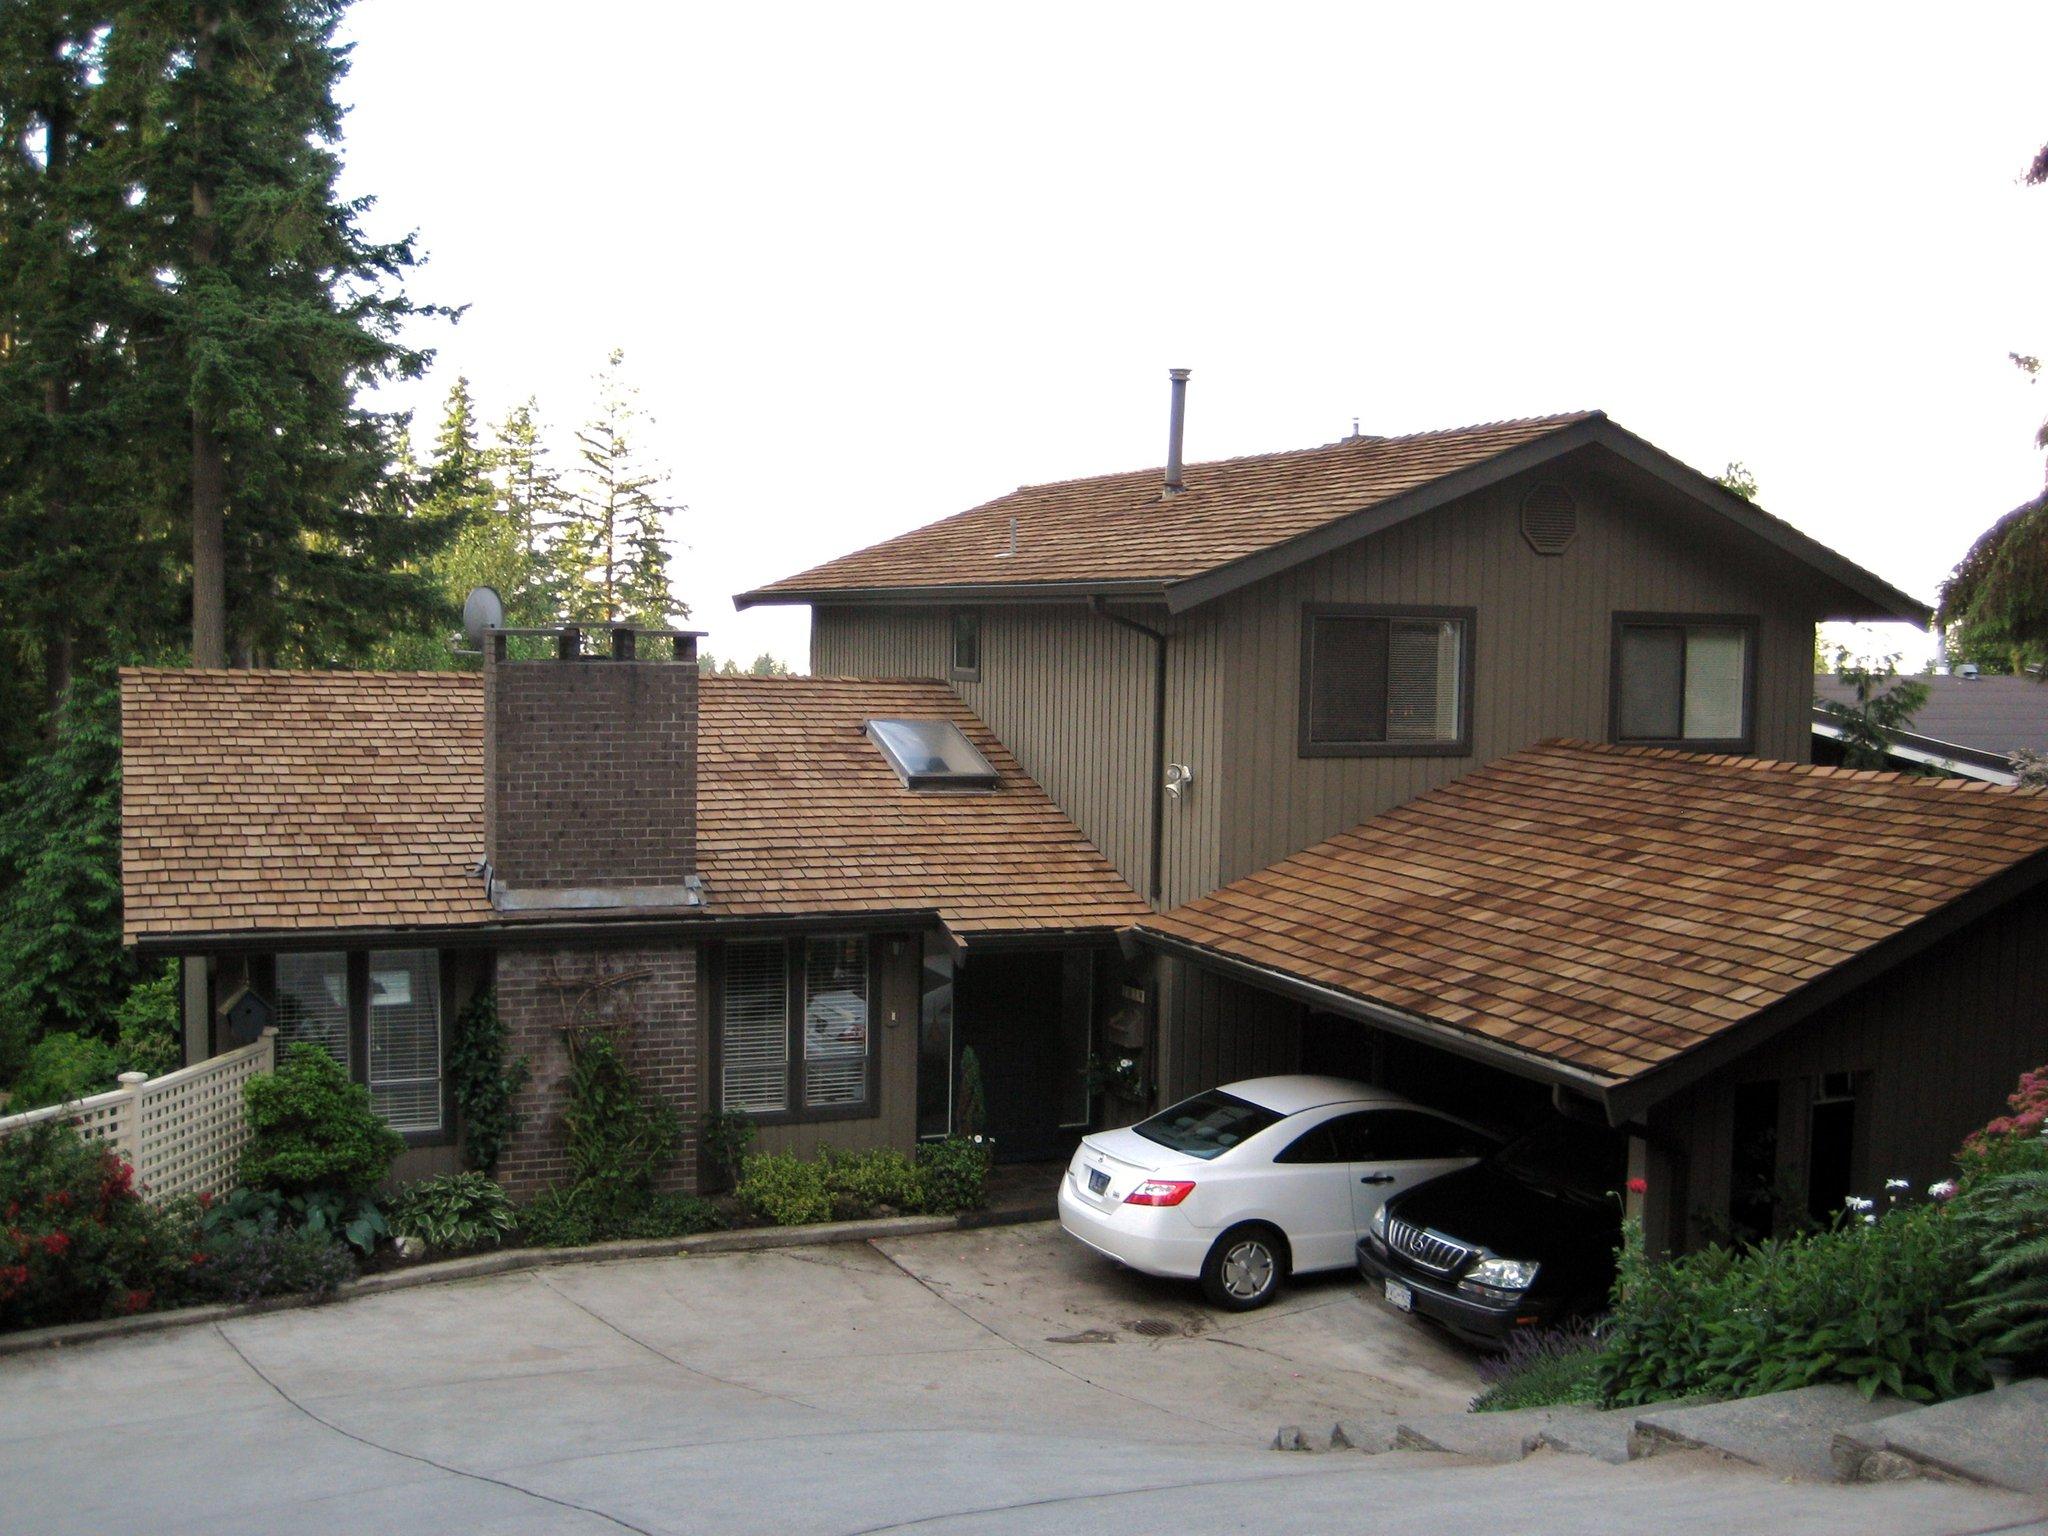 Vancouver Cedar Roof Restoration - After